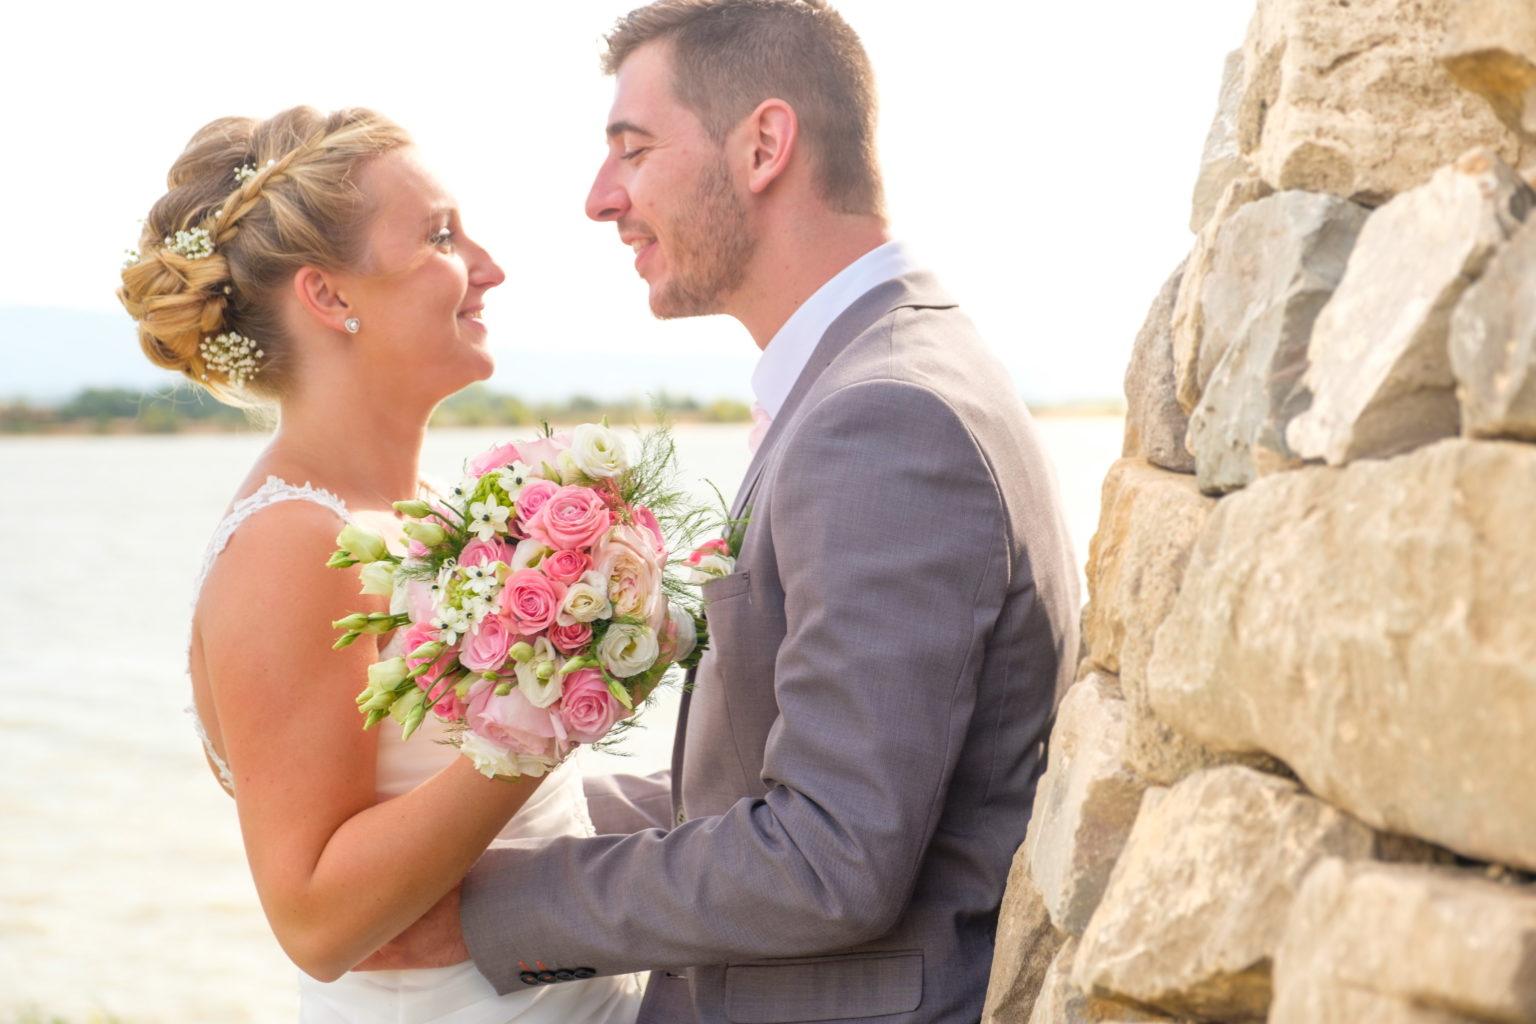 Mariage de Charlotte et Anthony Carbonell - ©Alain Machelidon